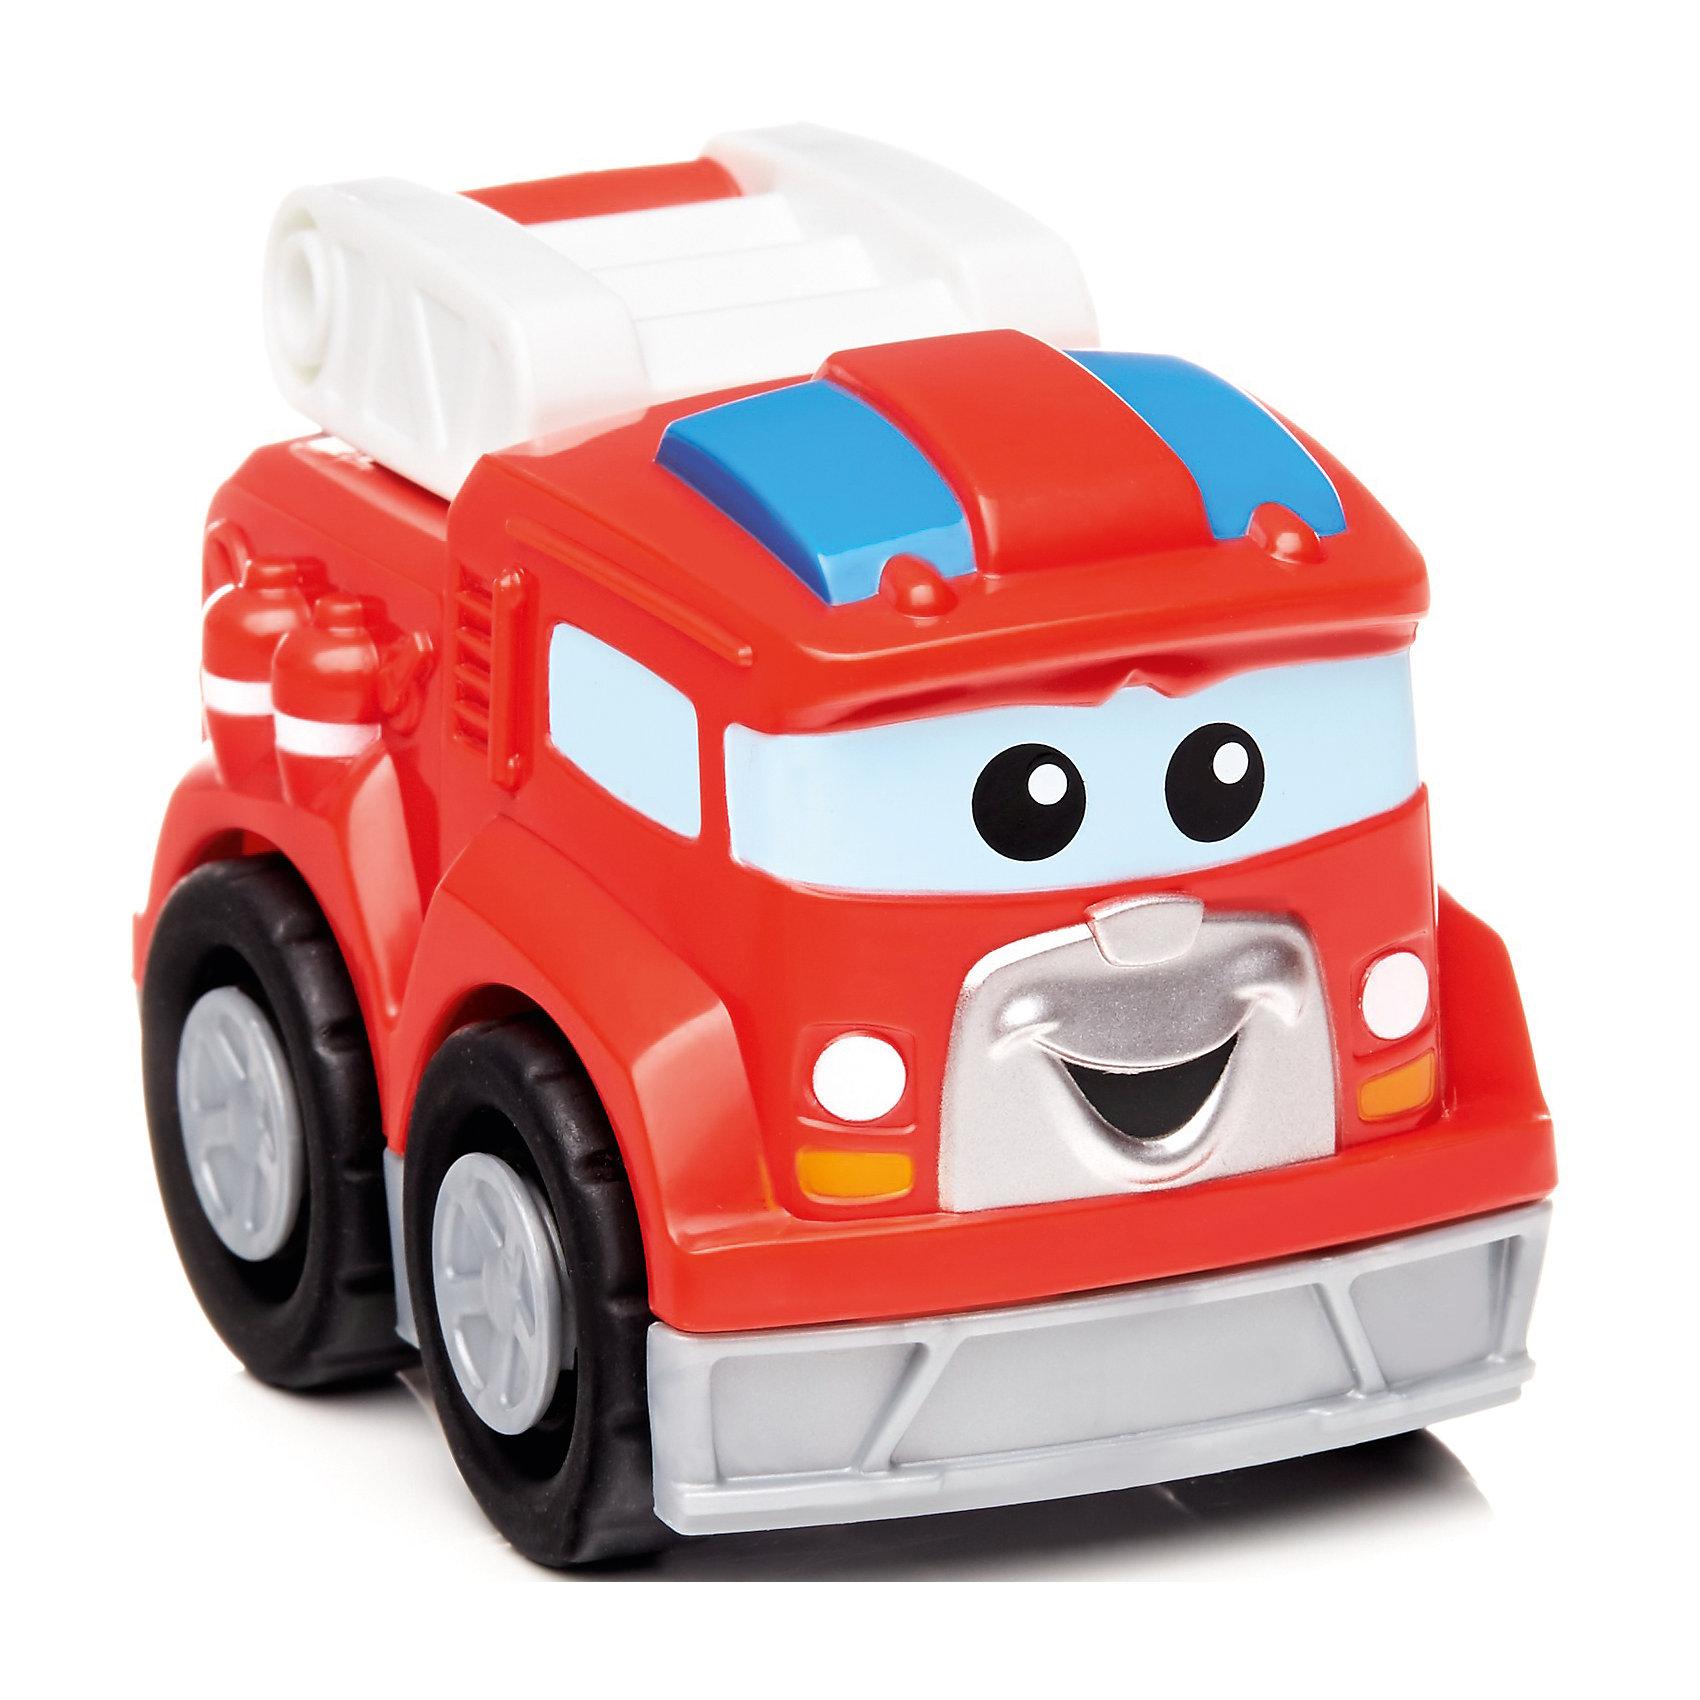 Пожарная машинка Фрэдди, MEGA BLOKSМашинки и транспорт для малышей<br>Пожарная машинка Фрэдди, MEGA BLOKS (МЕГА БЛОКС).<br><br>Характеристики:<br><br>• Количество элементов: 3<br>• Материал: высококачественный пластик<br>• Цвет: красный, белый, голубой<br>• Размер упаковки: 8,5х6х6 см.<br><br>Ярко-красная пожарная машина Фредди MEGA BLOKS (МЕГА БЛОКС) создана для храбрых пожарников, готовых прийти на помощь в любую минуту. Пожарная машина собирается из трех больших частей, которые отлично соединяются между собой. Элементы конструктора крупные, их удобно брать и держать маленькими детскими ручками. Широкие колеса обеспечивают беспрепятственную езду по любой поверхности. <br><br>В верхней части пожарного автомобиля предусмотрена лестница, которую можно поднимать и опускать. Пожарная машина выглядит очень мило и очаровательно благодаря большим глазкам и задорной улыбке. Игрушка изготовлена из качественного пластика и абсолютно безопасна для здоровья малыша. Позвольте малышу почувствовать себя настоящим пожарником!<br><br>Пожарную машинку Фрэдди, MEGA BLOKS (МЕГА БЛОКС) можно купить в нашем интернет-магазине.<br><br>Ширина мм: 90<br>Глубина мм: 60<br>Высота мм: 60<br>Вес г: 76<br>Возраст от месяцев: 12<br>Возраст до месяцев: 60<br>Пол: Мужской<br>Возраст: Детский<br>SKU: 5440281